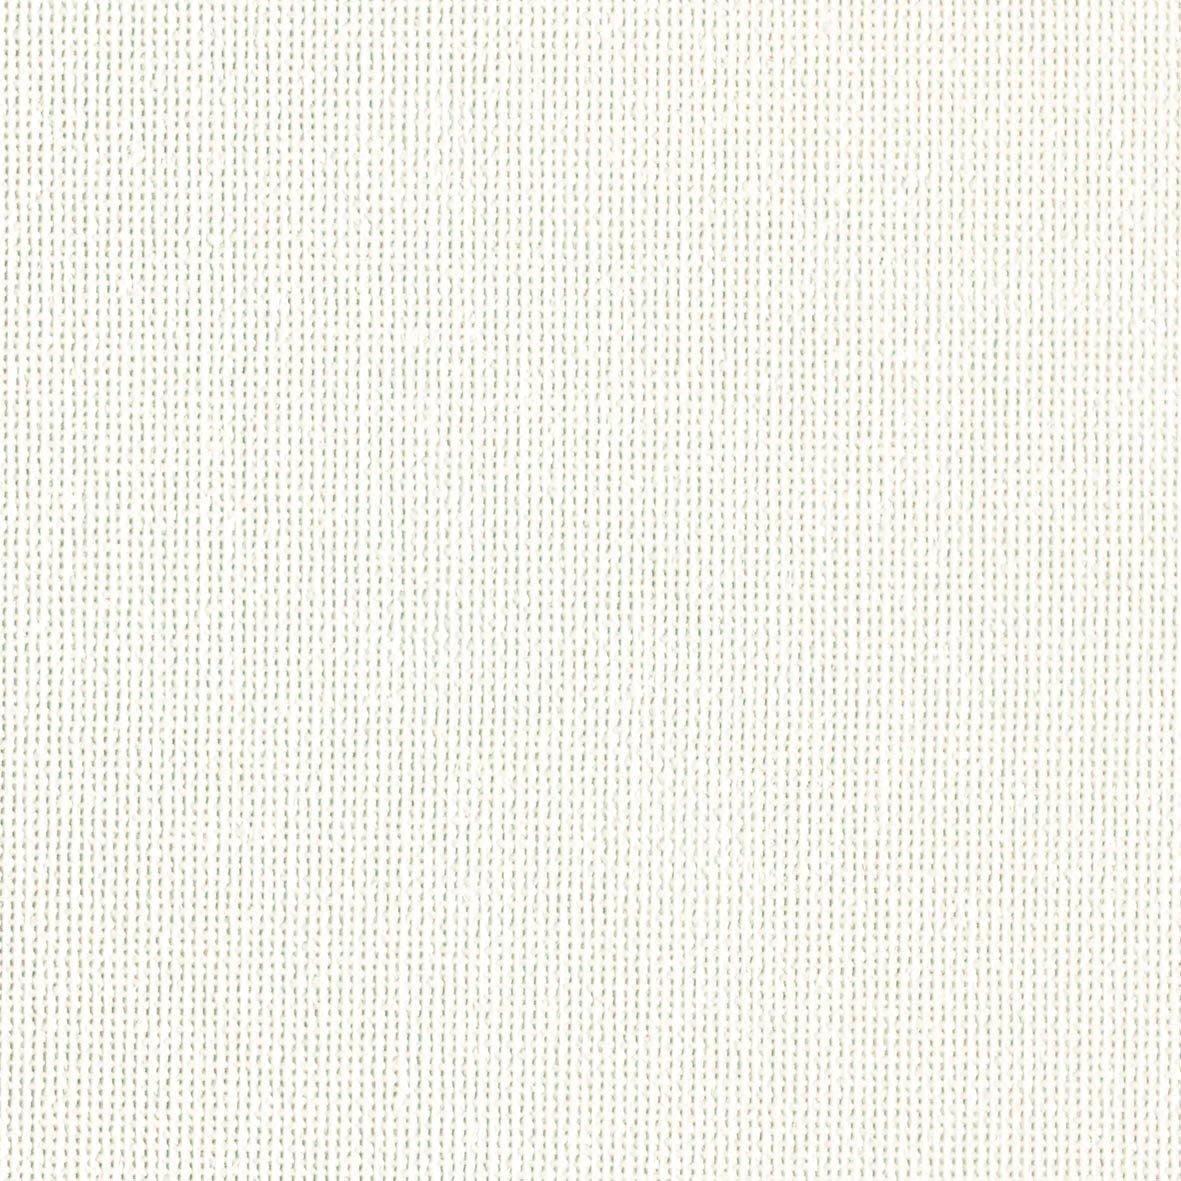 リリカラ 壁紙46m シンフル 織物調 ベージュ 撥水トップコートComfort Selection-Basic & Color- LW-2257 B07612RD98 46m|ベージュ2